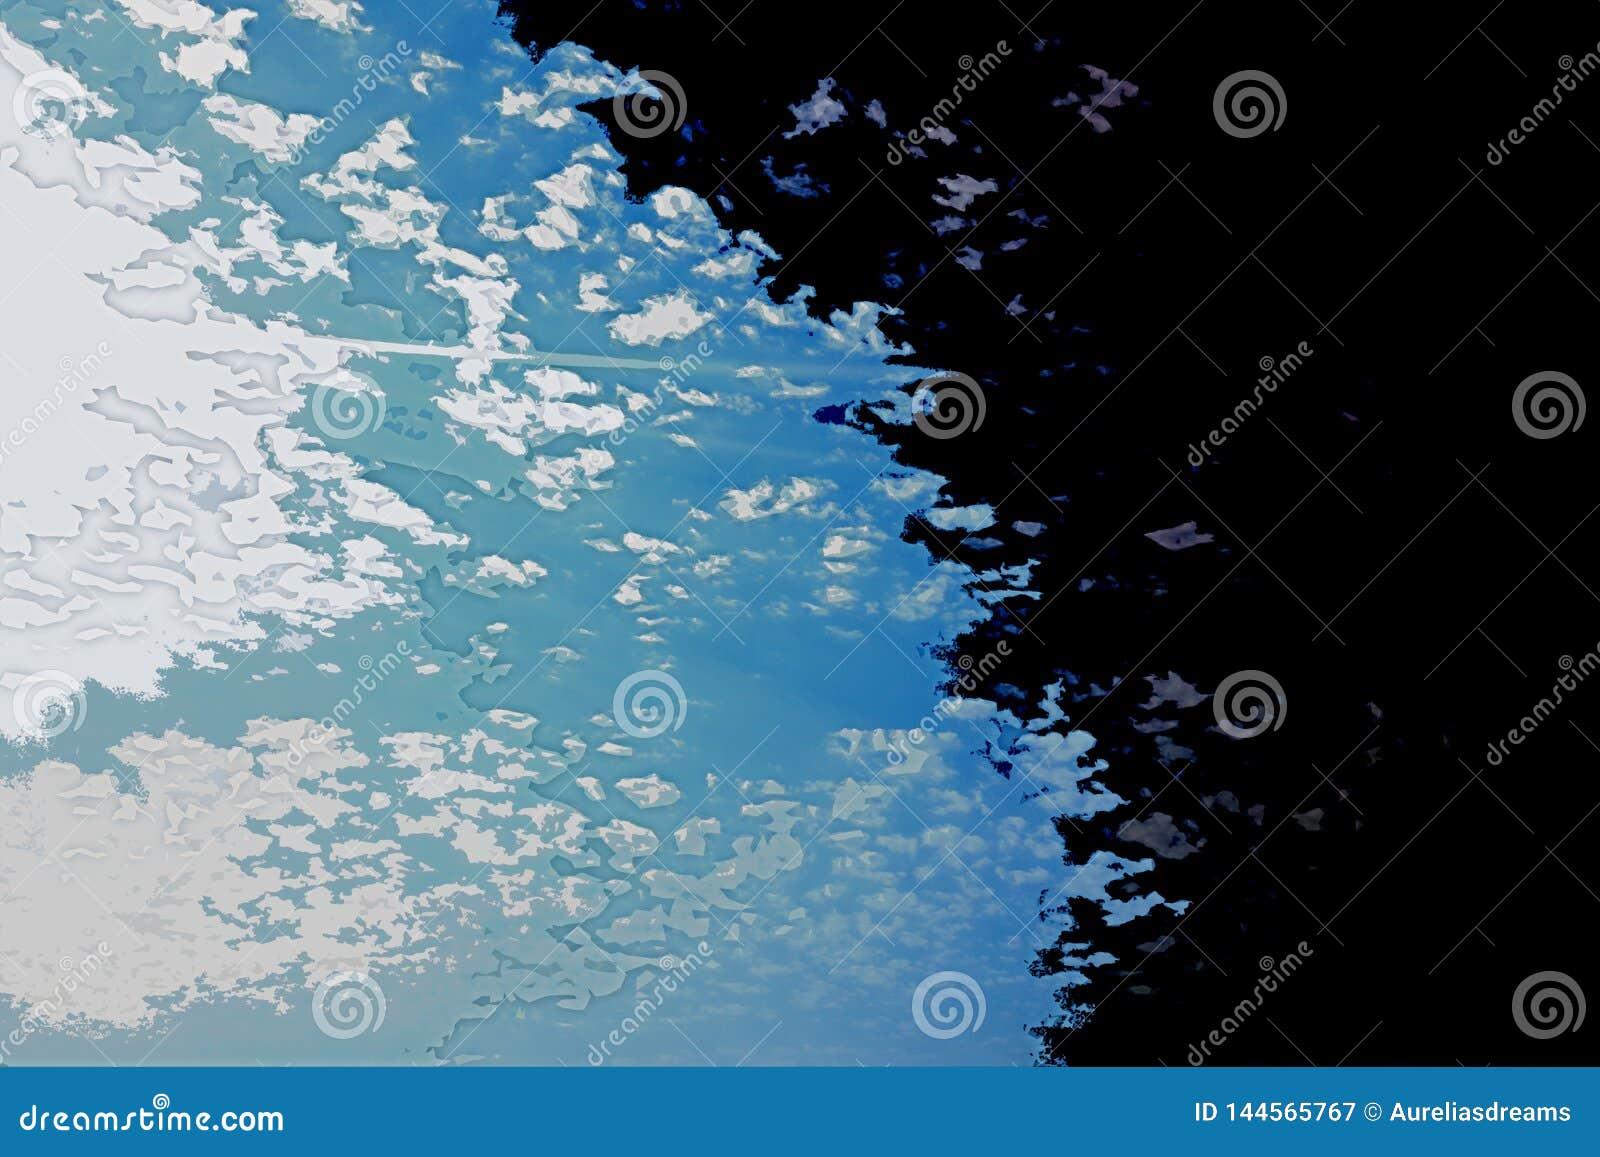 Textura blanca y azul del fondo Mapa abstracto con la línea de la playa del norte, mar, océano, hielo, montañas, nubes